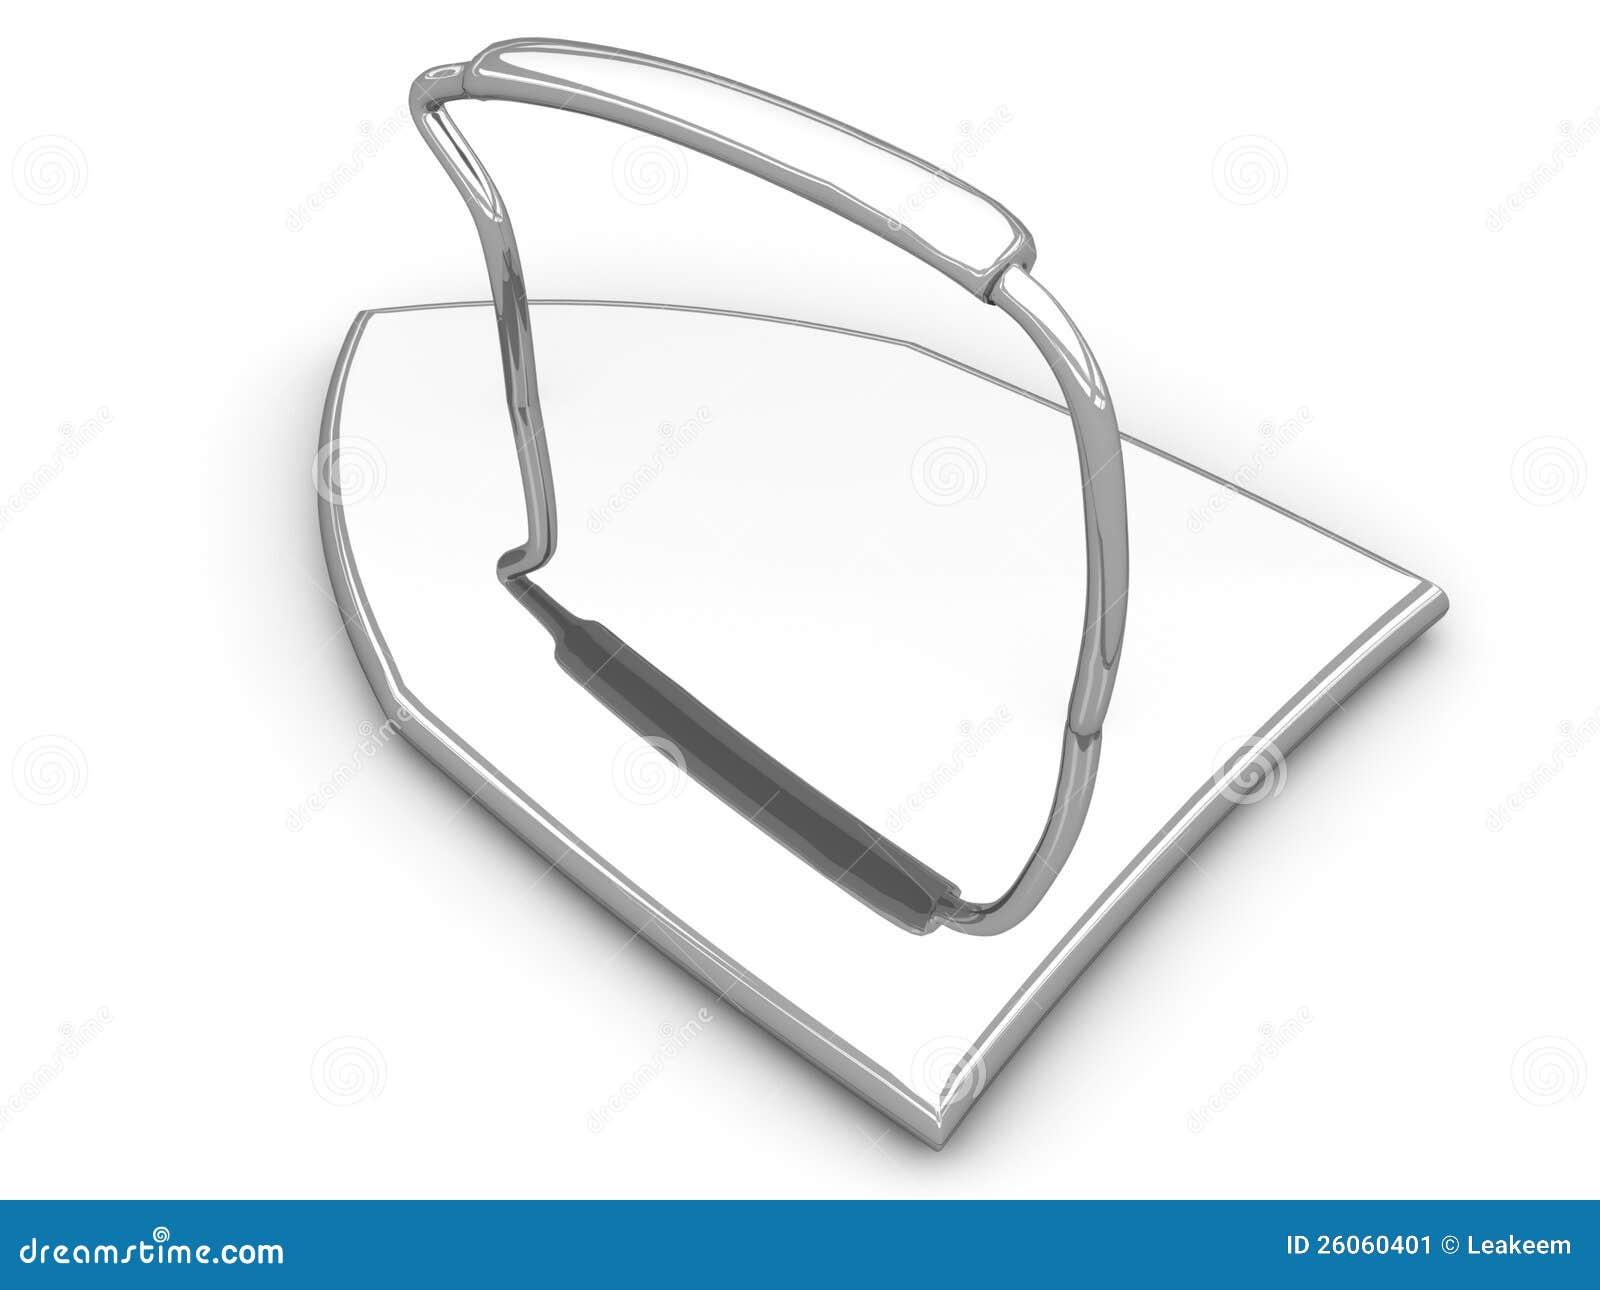 Old Style Flat Iron Stock Image - Image: 26060401